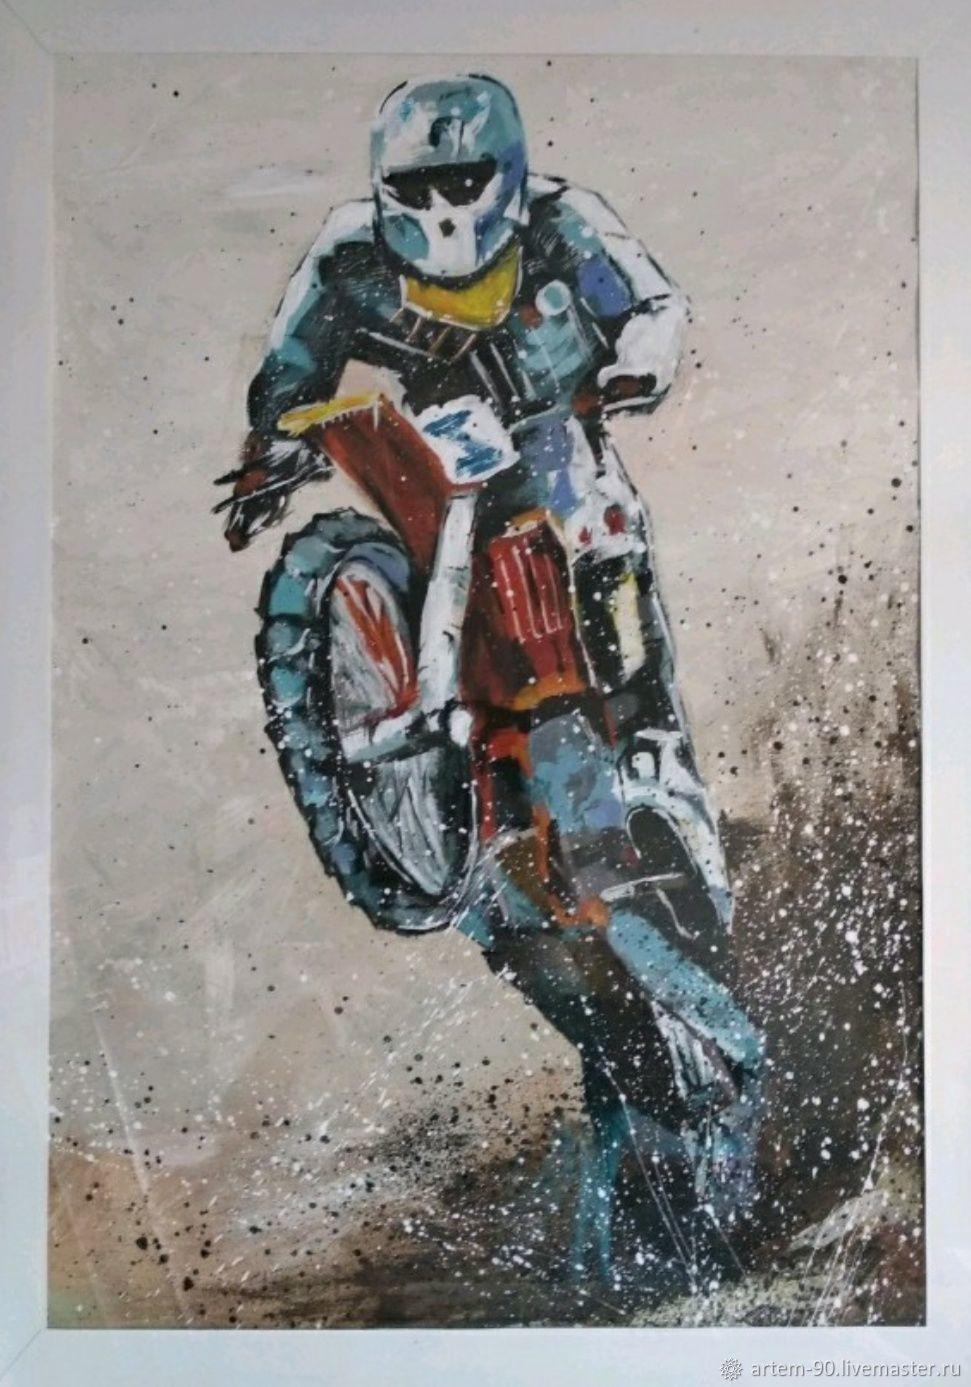 Картина мотоцикл эндуро, Картины, Каменск-Уральский,  Фото №1